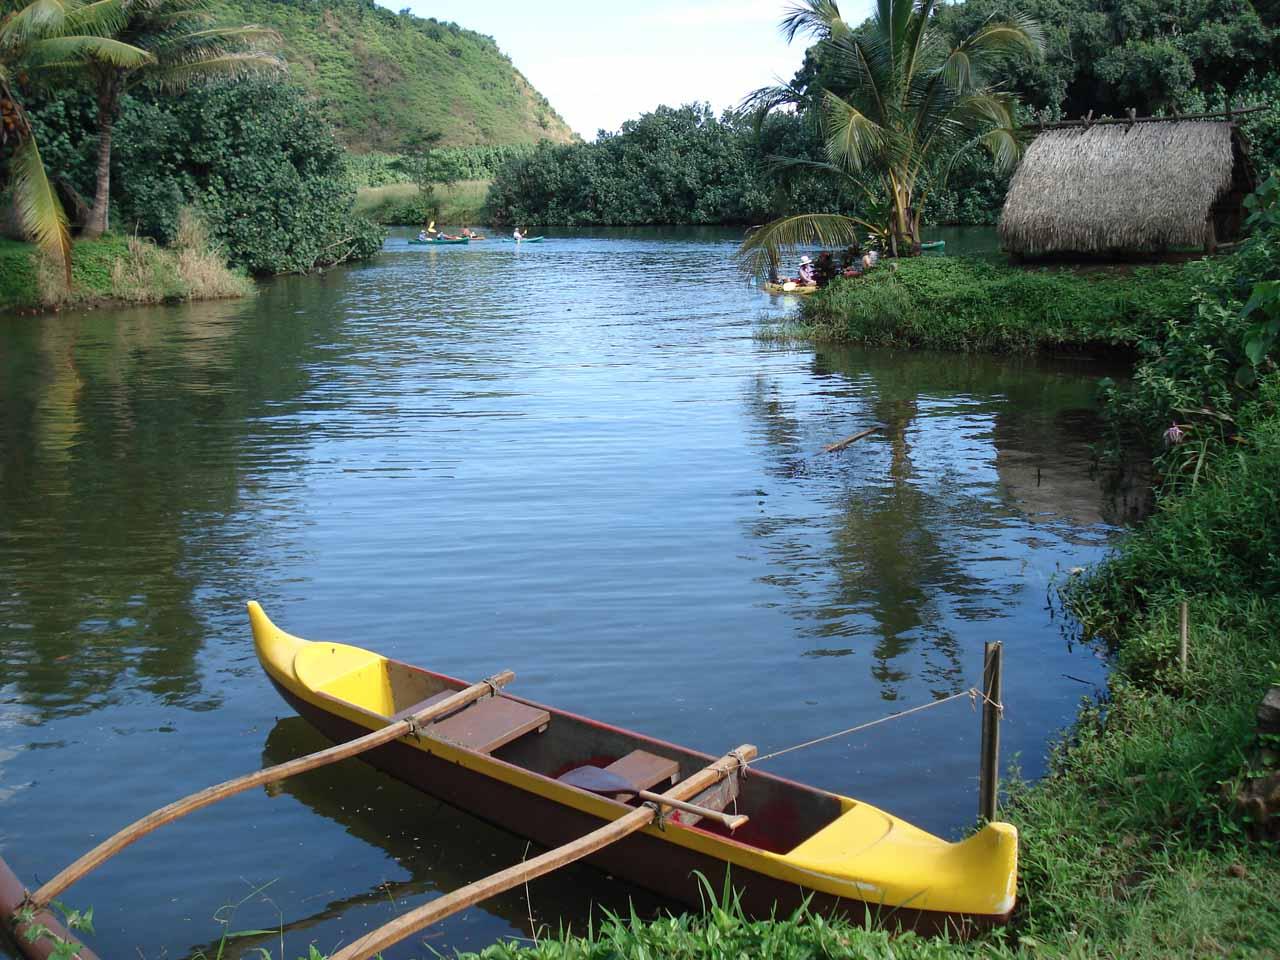 Canoe at Kamokila Hawaiian Village